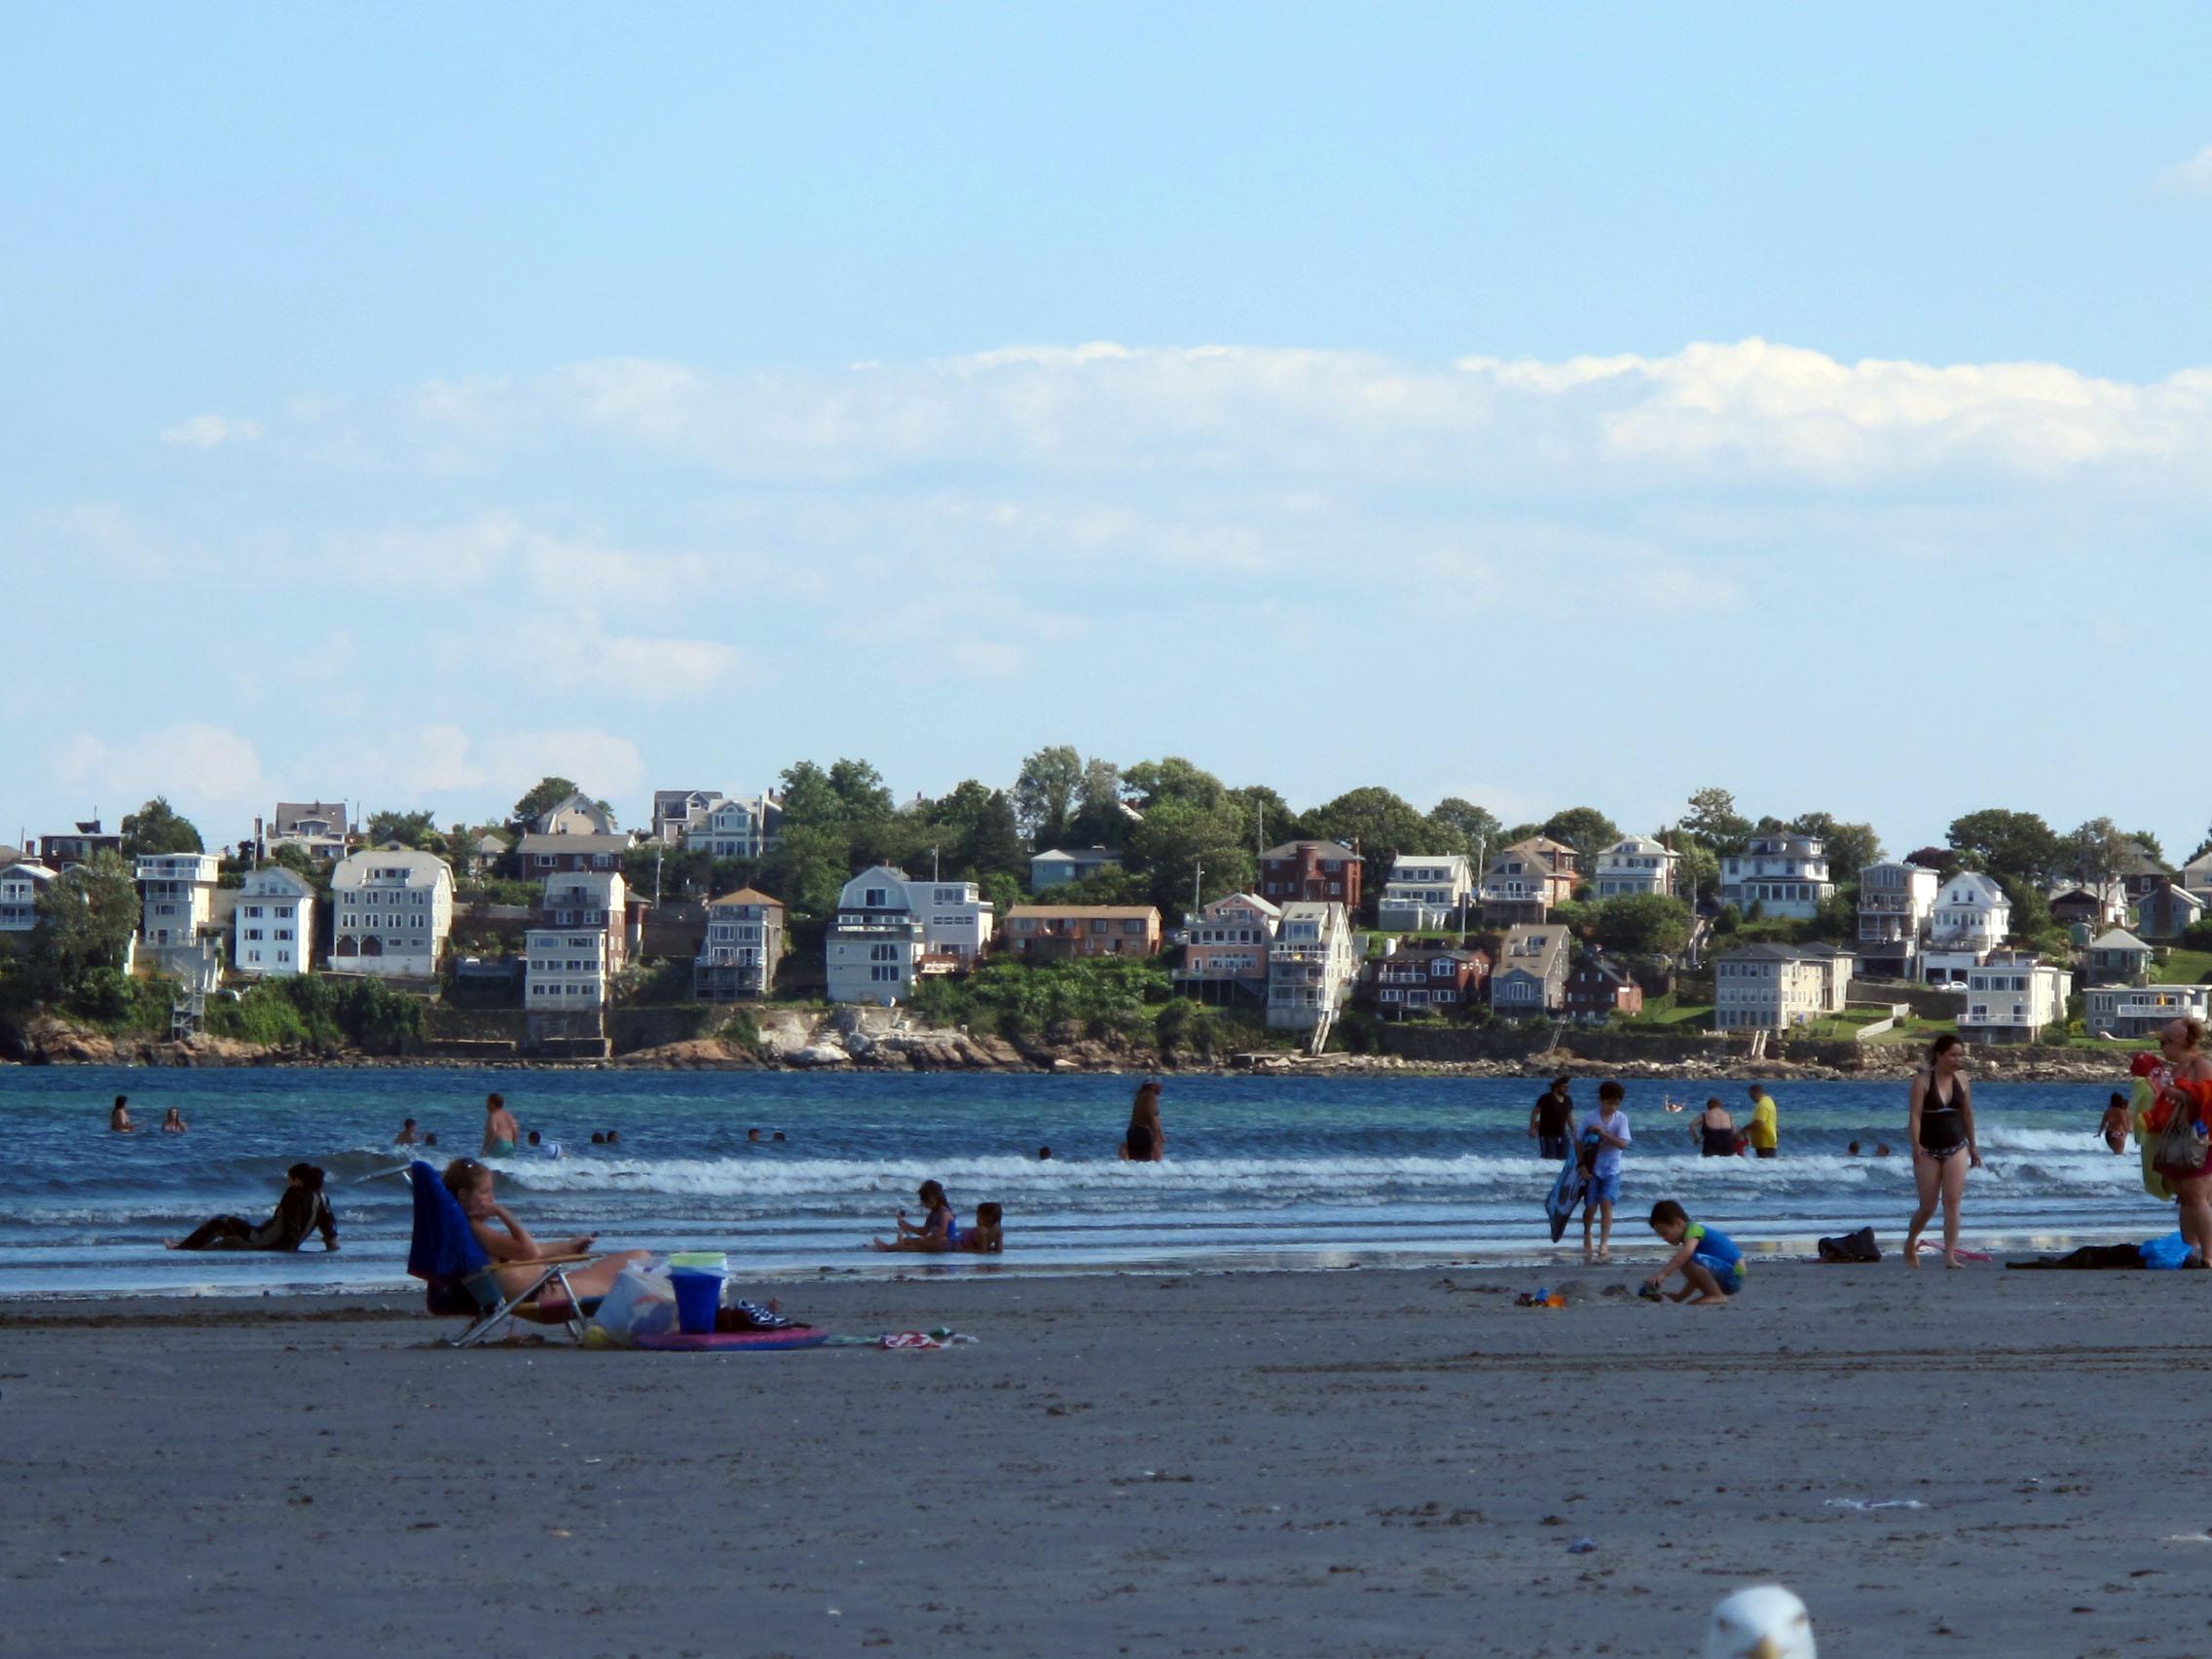 nahant beach